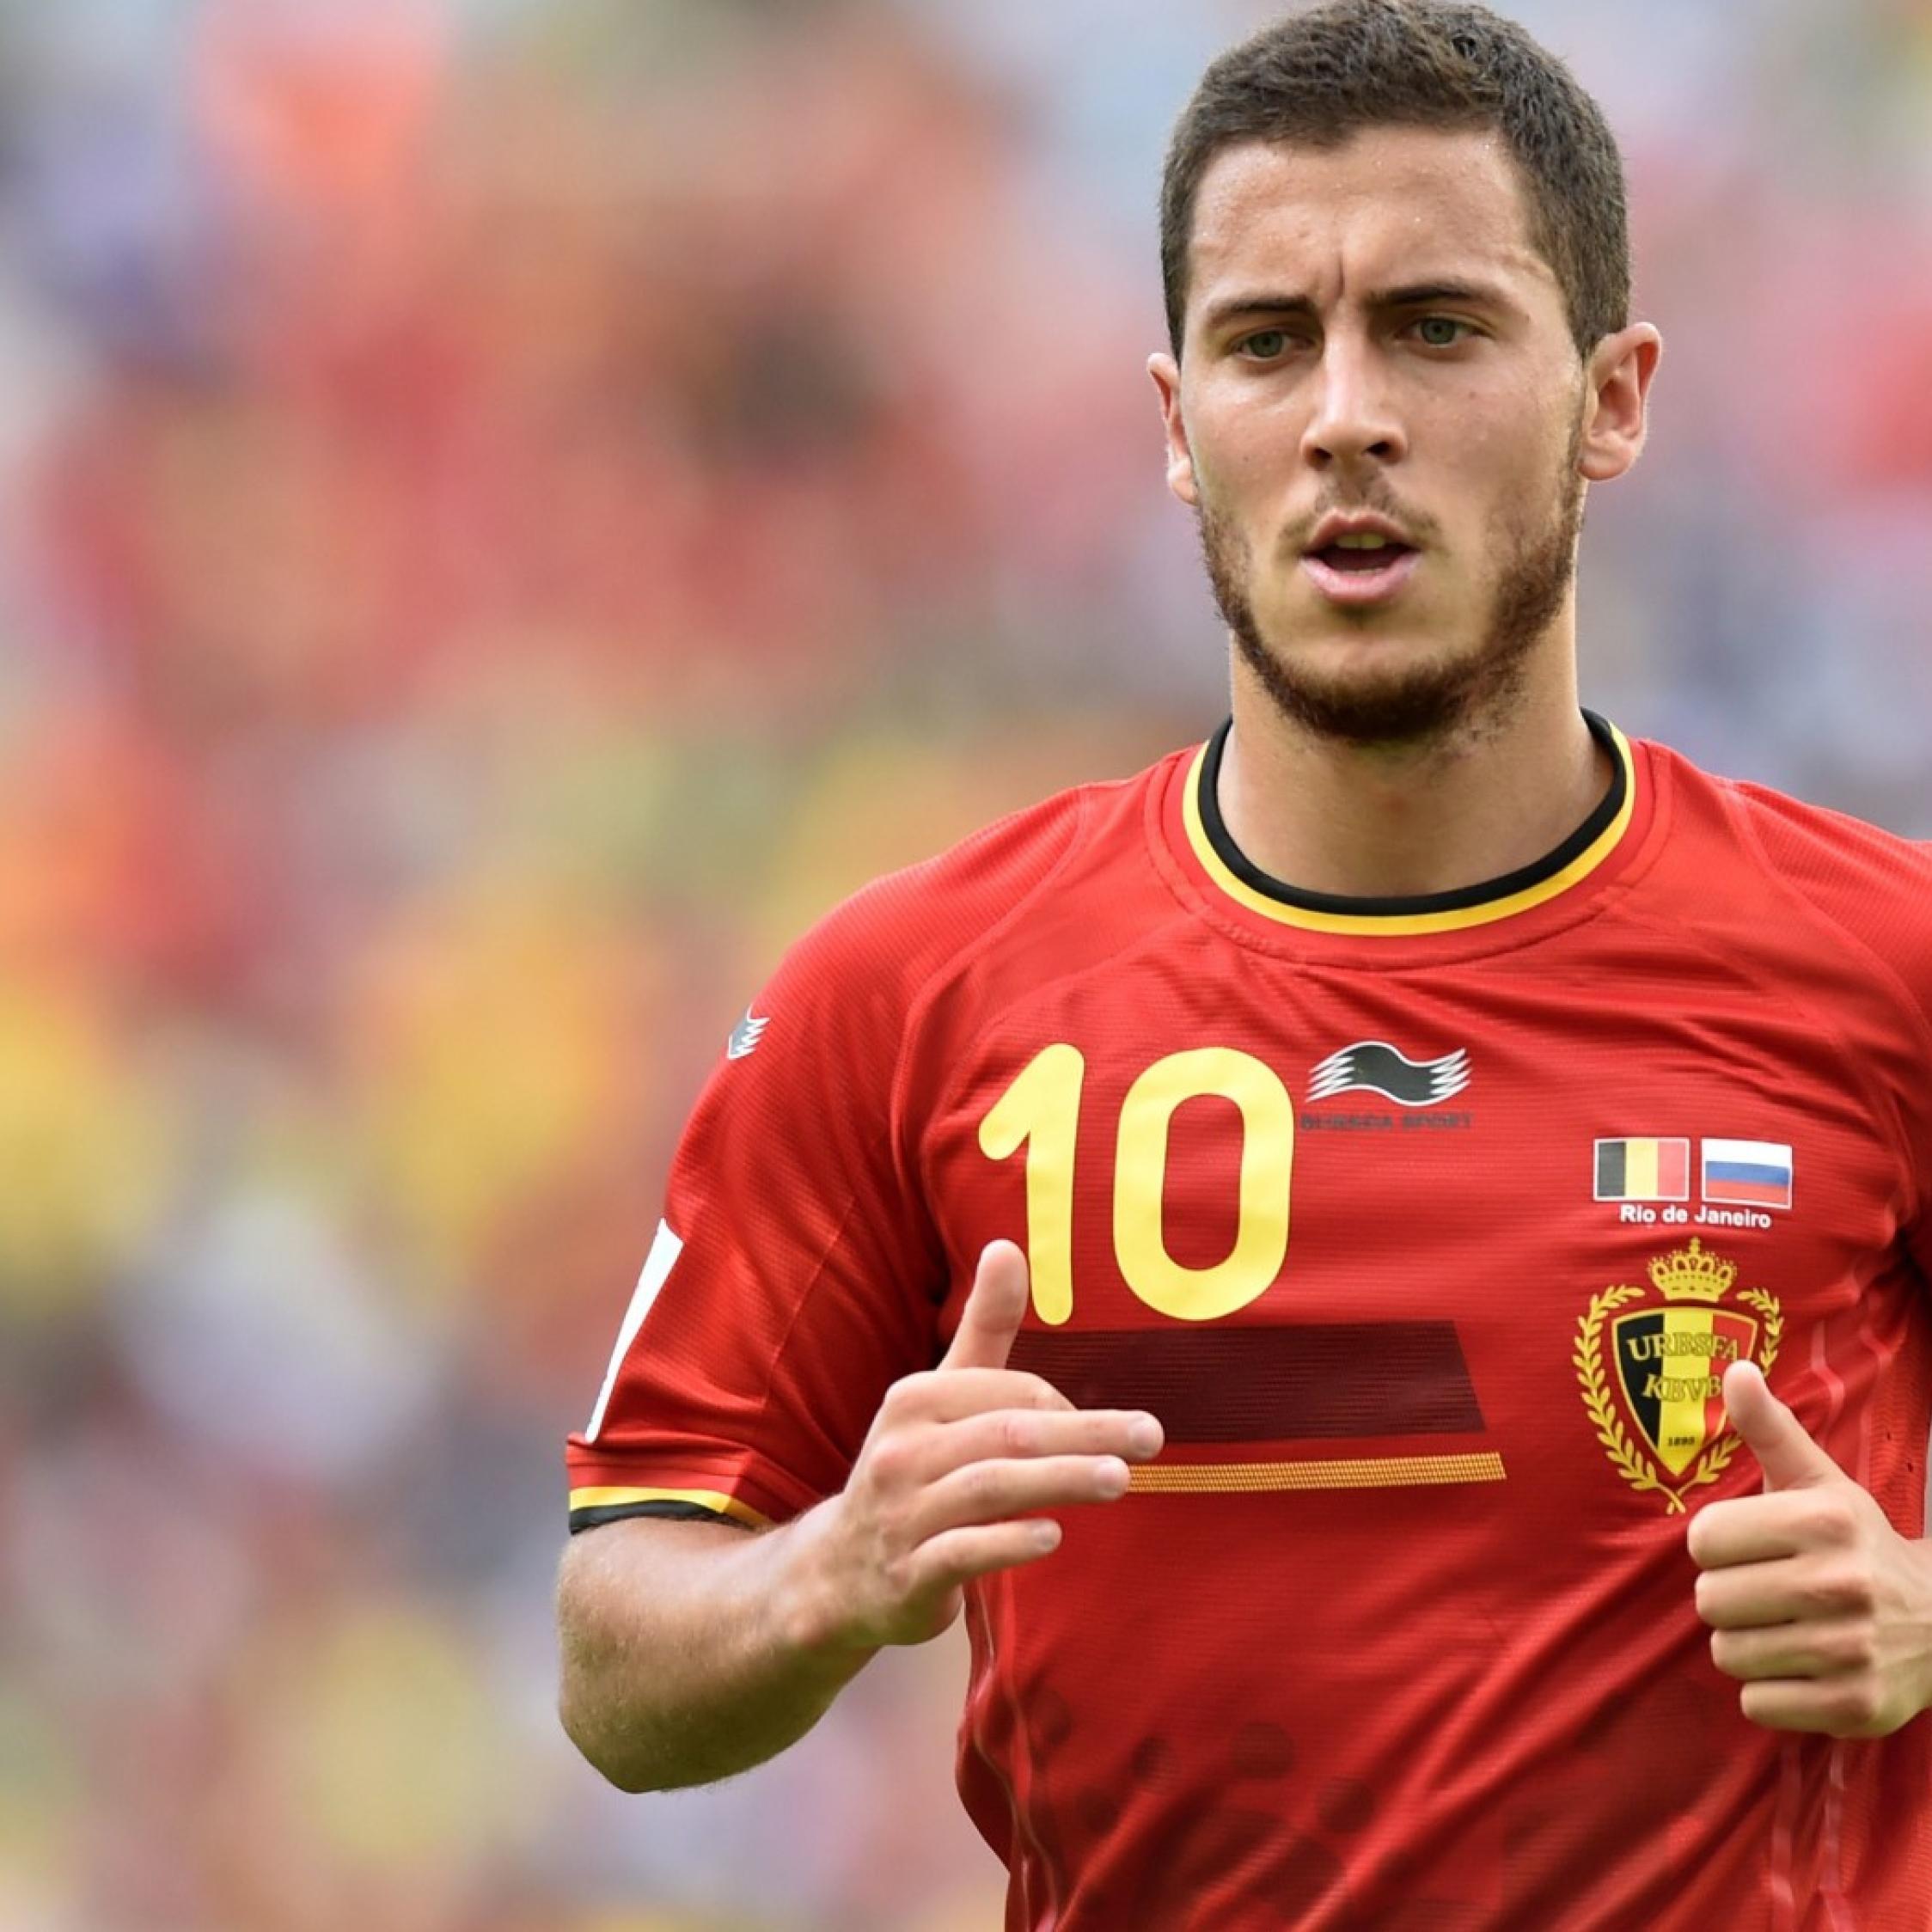 Eden Hazard, Belgium, Chelsea, Full HD Wallpaper